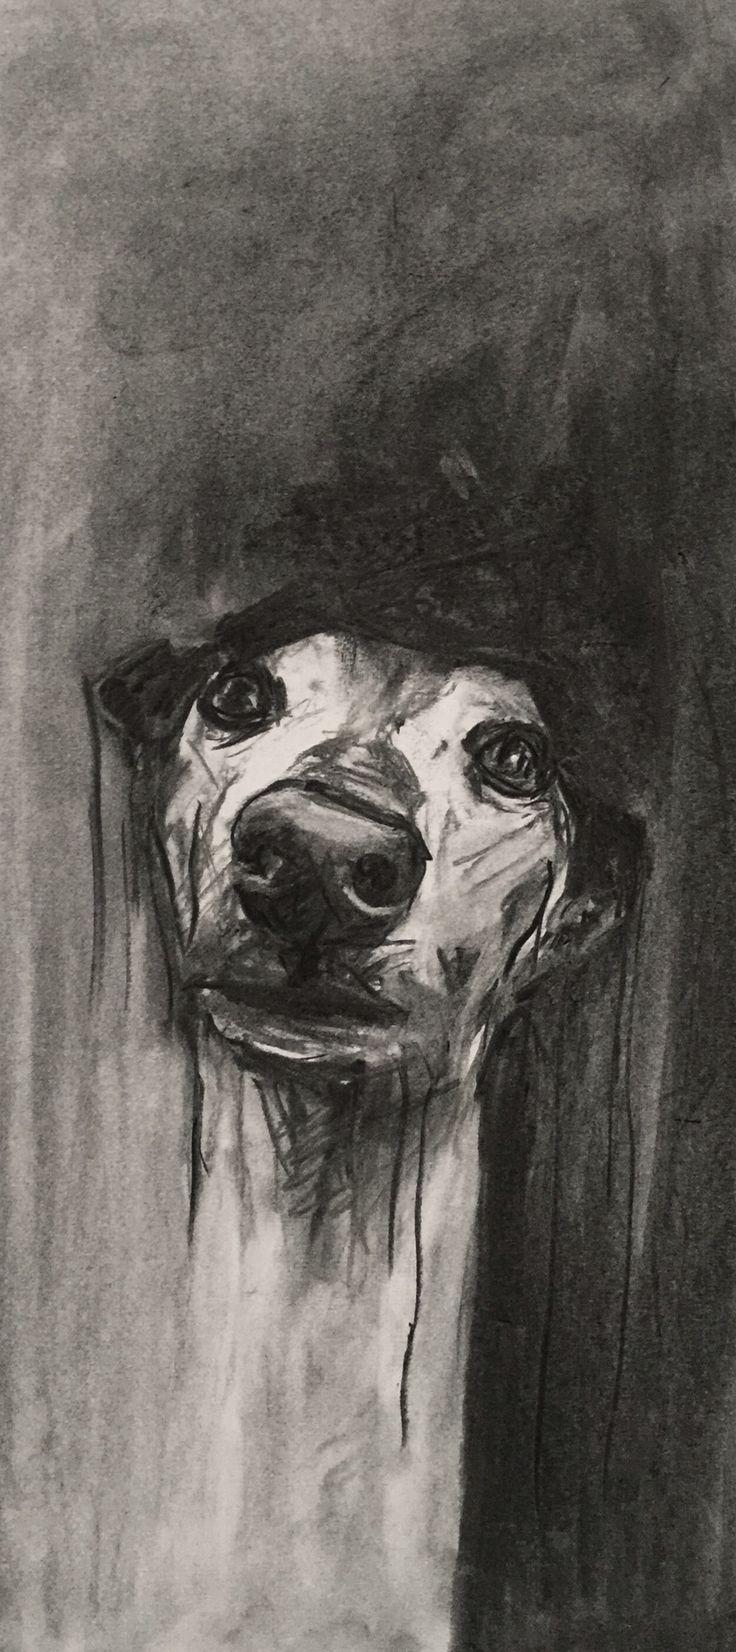 'A Little Worry' by Julie Brunn